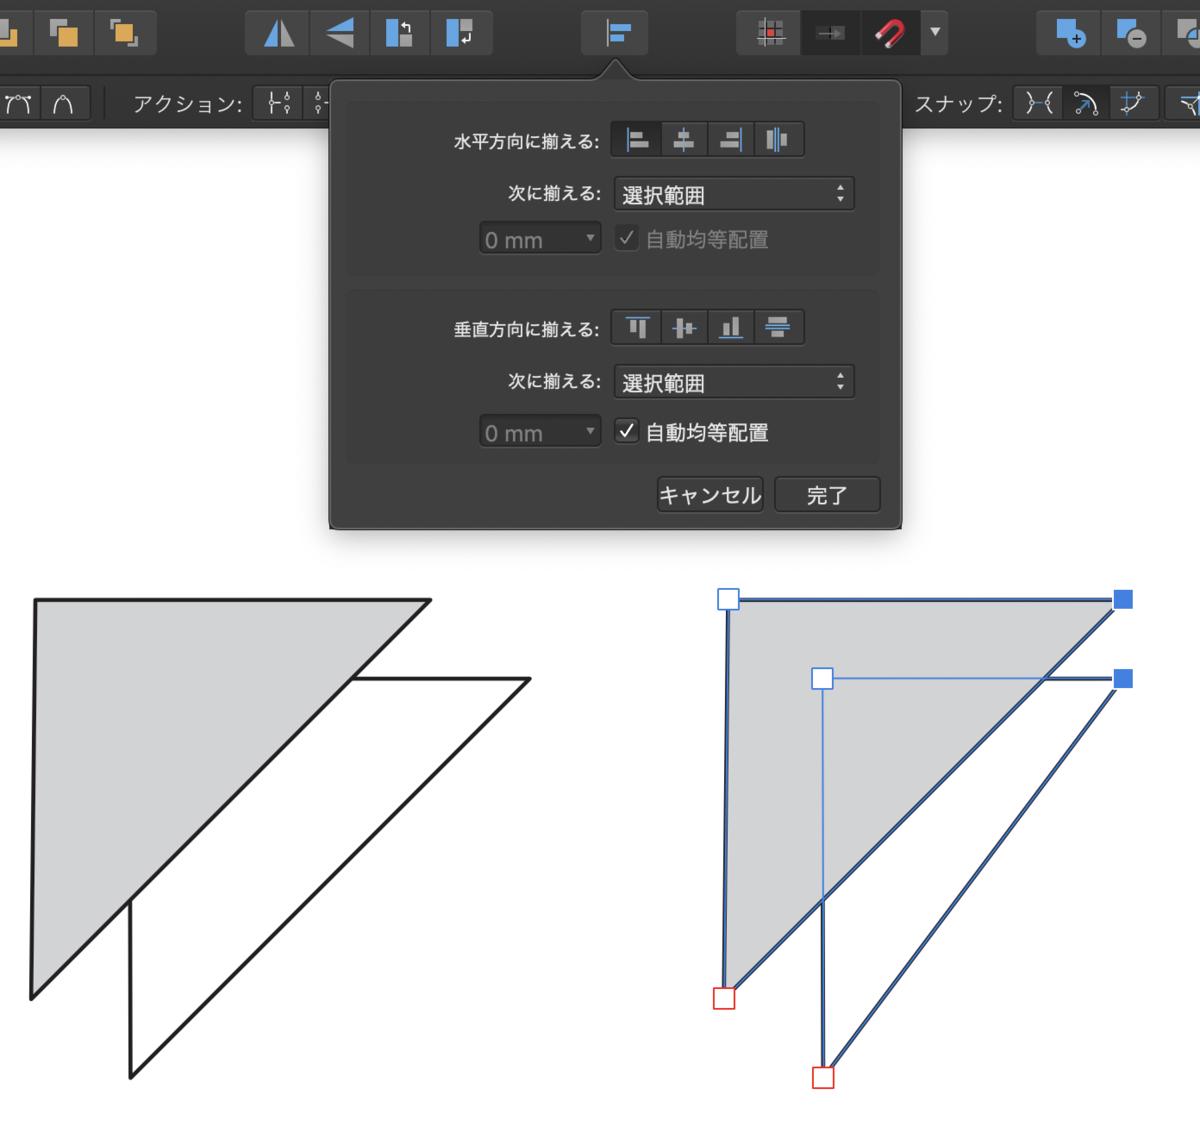 f:id:origami:20190703212158p:plain